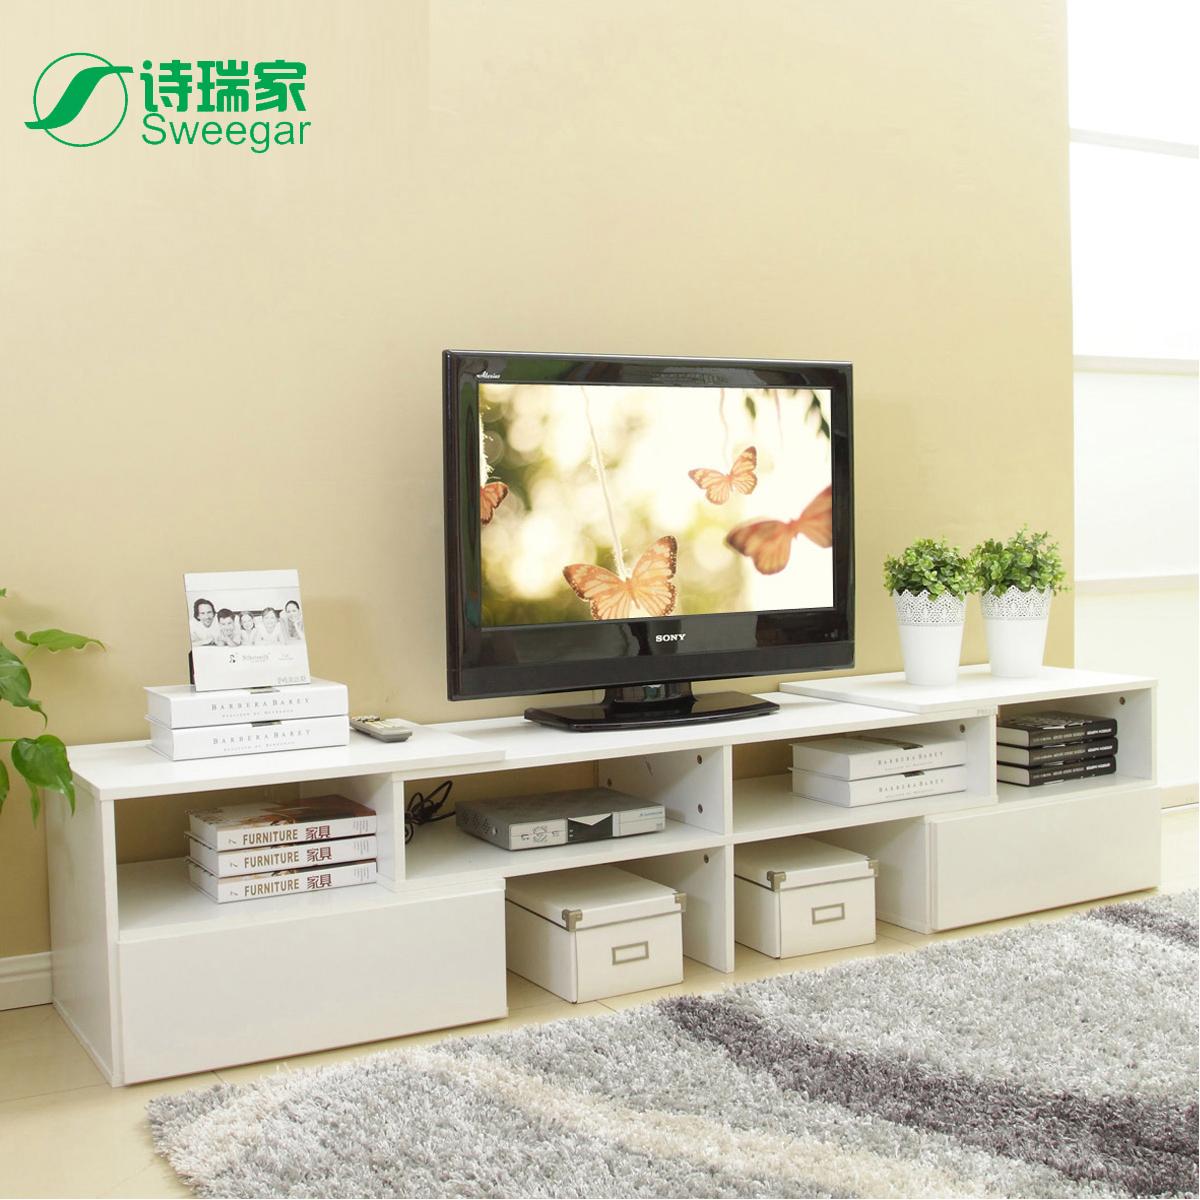 诗瑞家 电视柜 简约组合可伸缩 客厅环保电视机柜地柜小